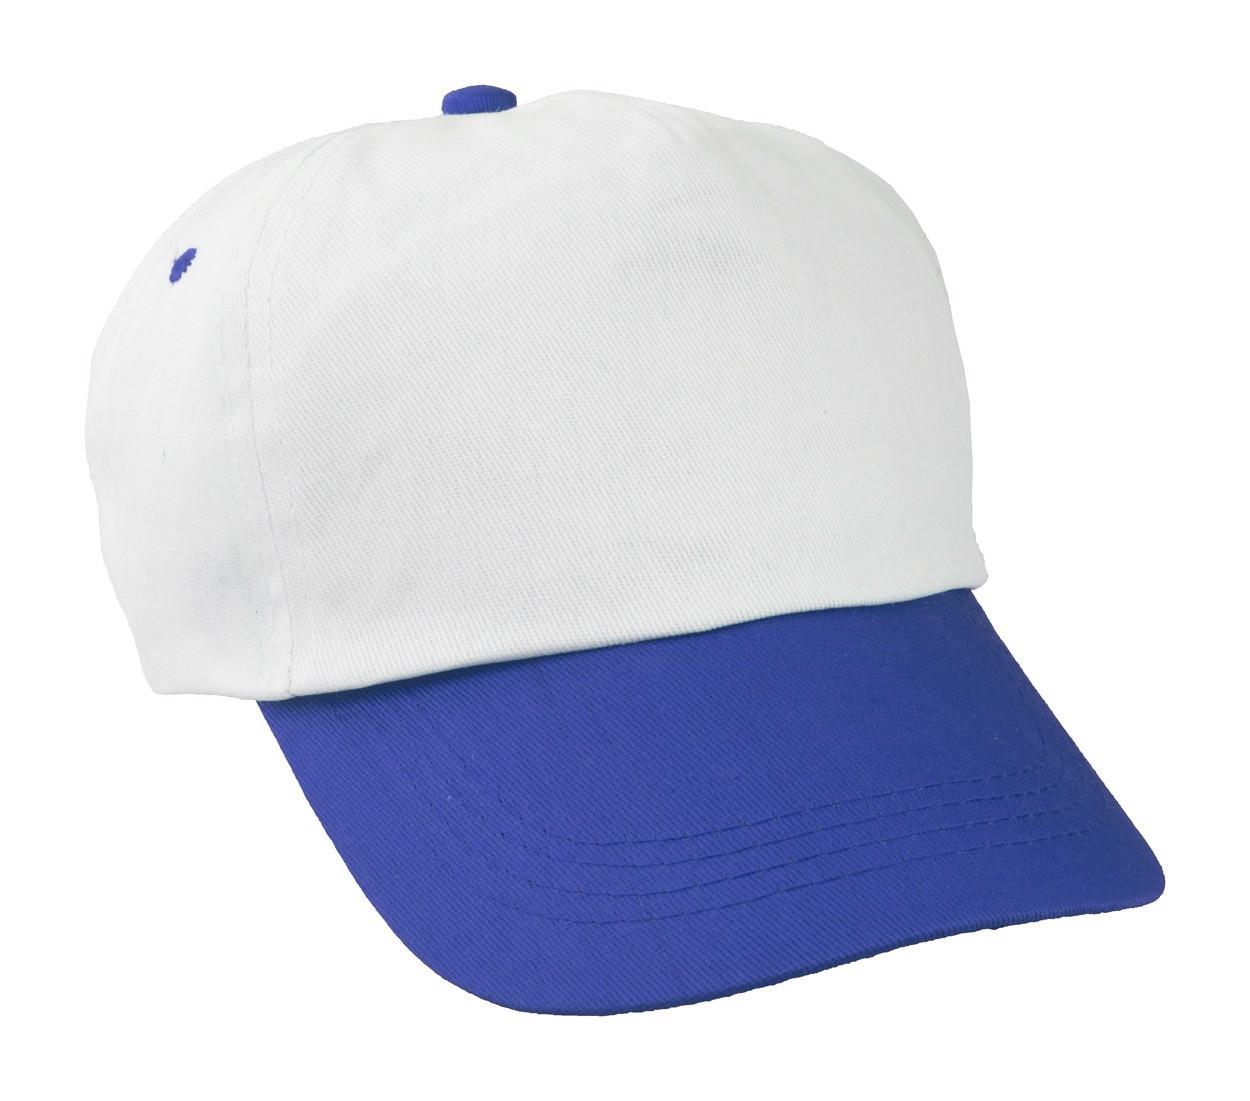 Baseballová Čepice Sport - Bílá / Modrá